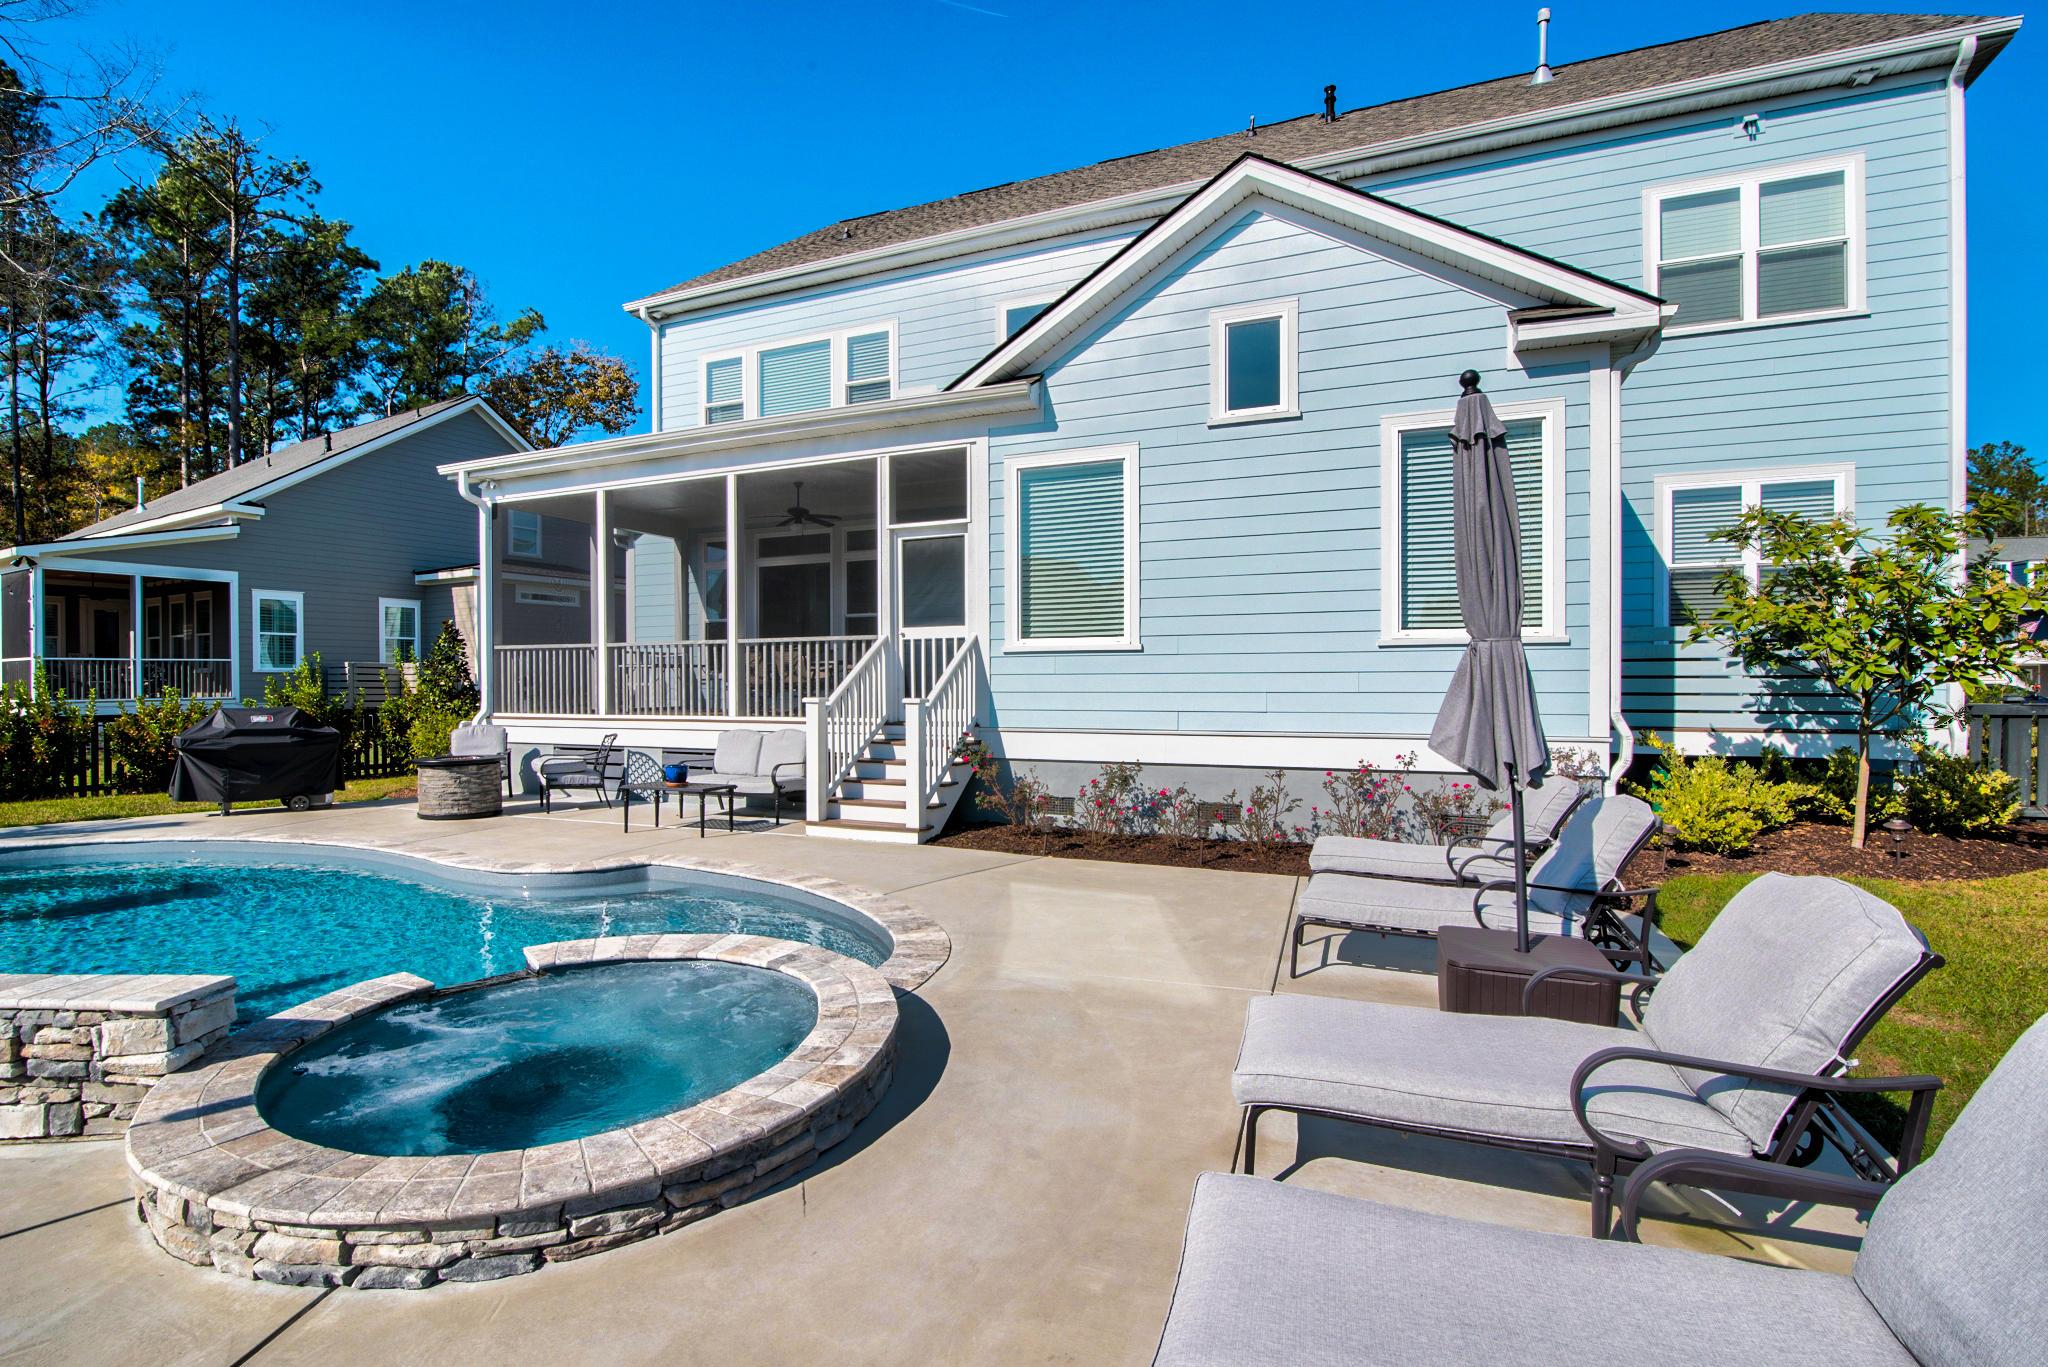 Dunes West Homes For Sale - 2883 River Vista, Mount Pleasant, SC - 23